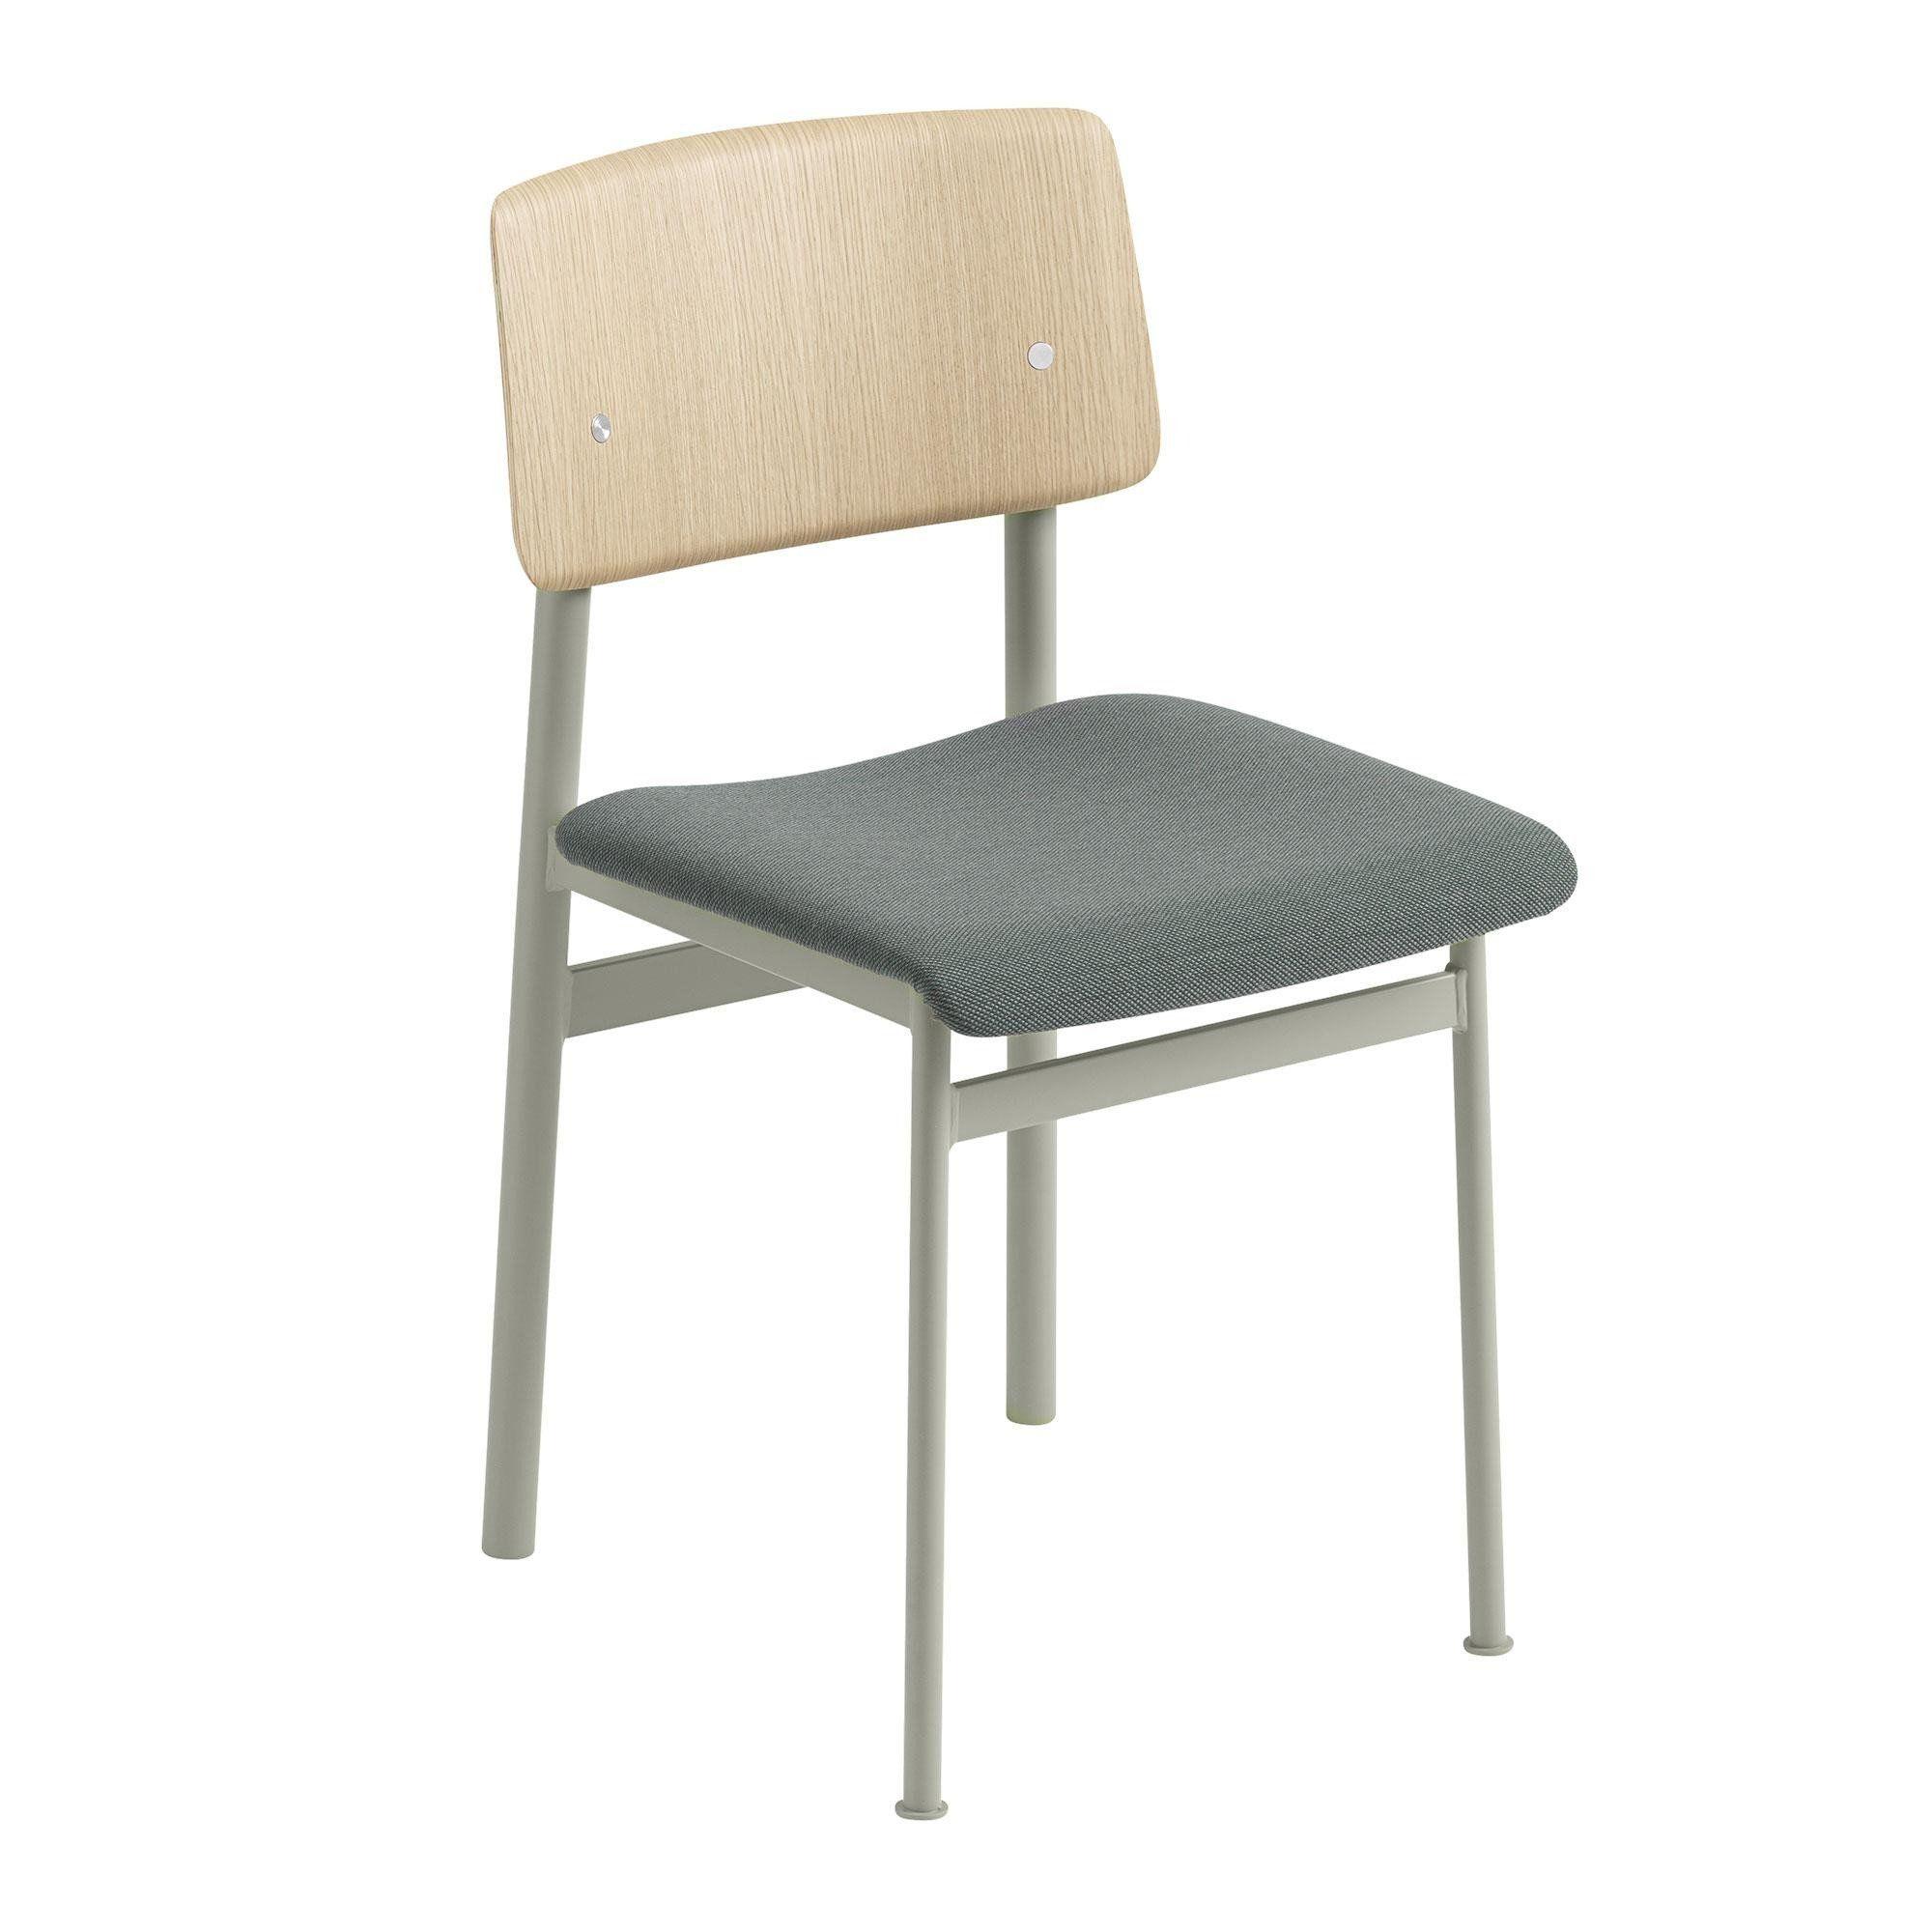 Faszinierend Stuhl Gepolstert Dekoration Von Muuto - Loft Chair - Staubiges Grün/eiche/sitzfläche